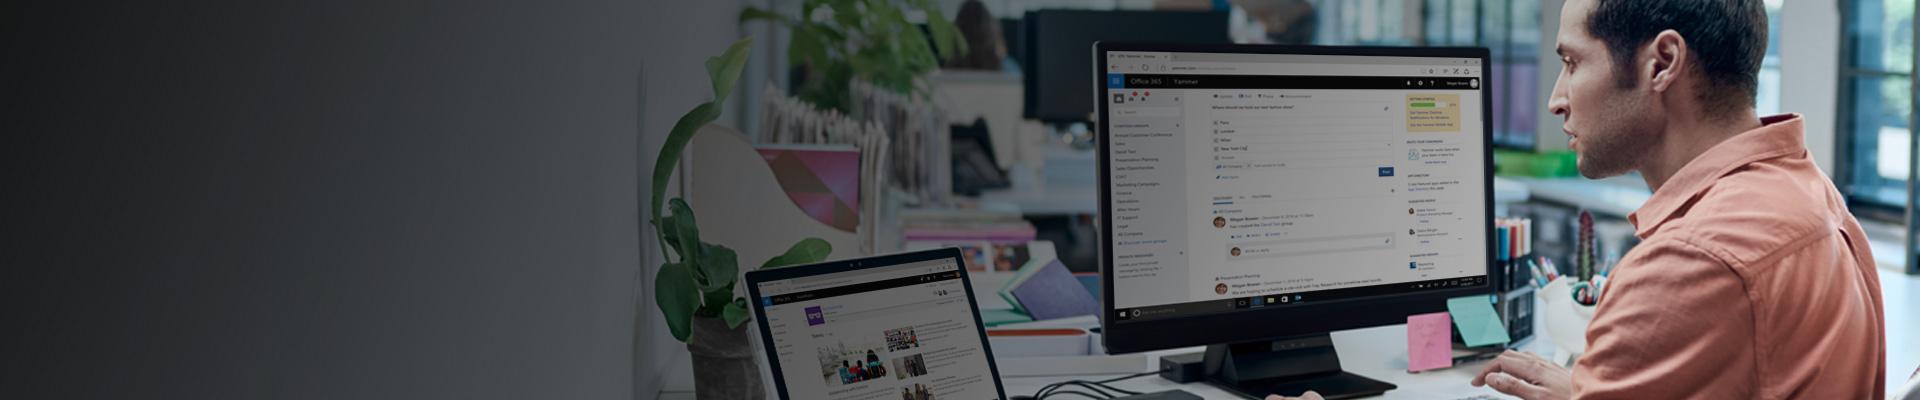 Ein Mann schaut auf einen Desktopmonitor, auf dem SharePoint ausgeführt wird. Im Hintergrund läuft Yammer auf einem zweiten Monitor.